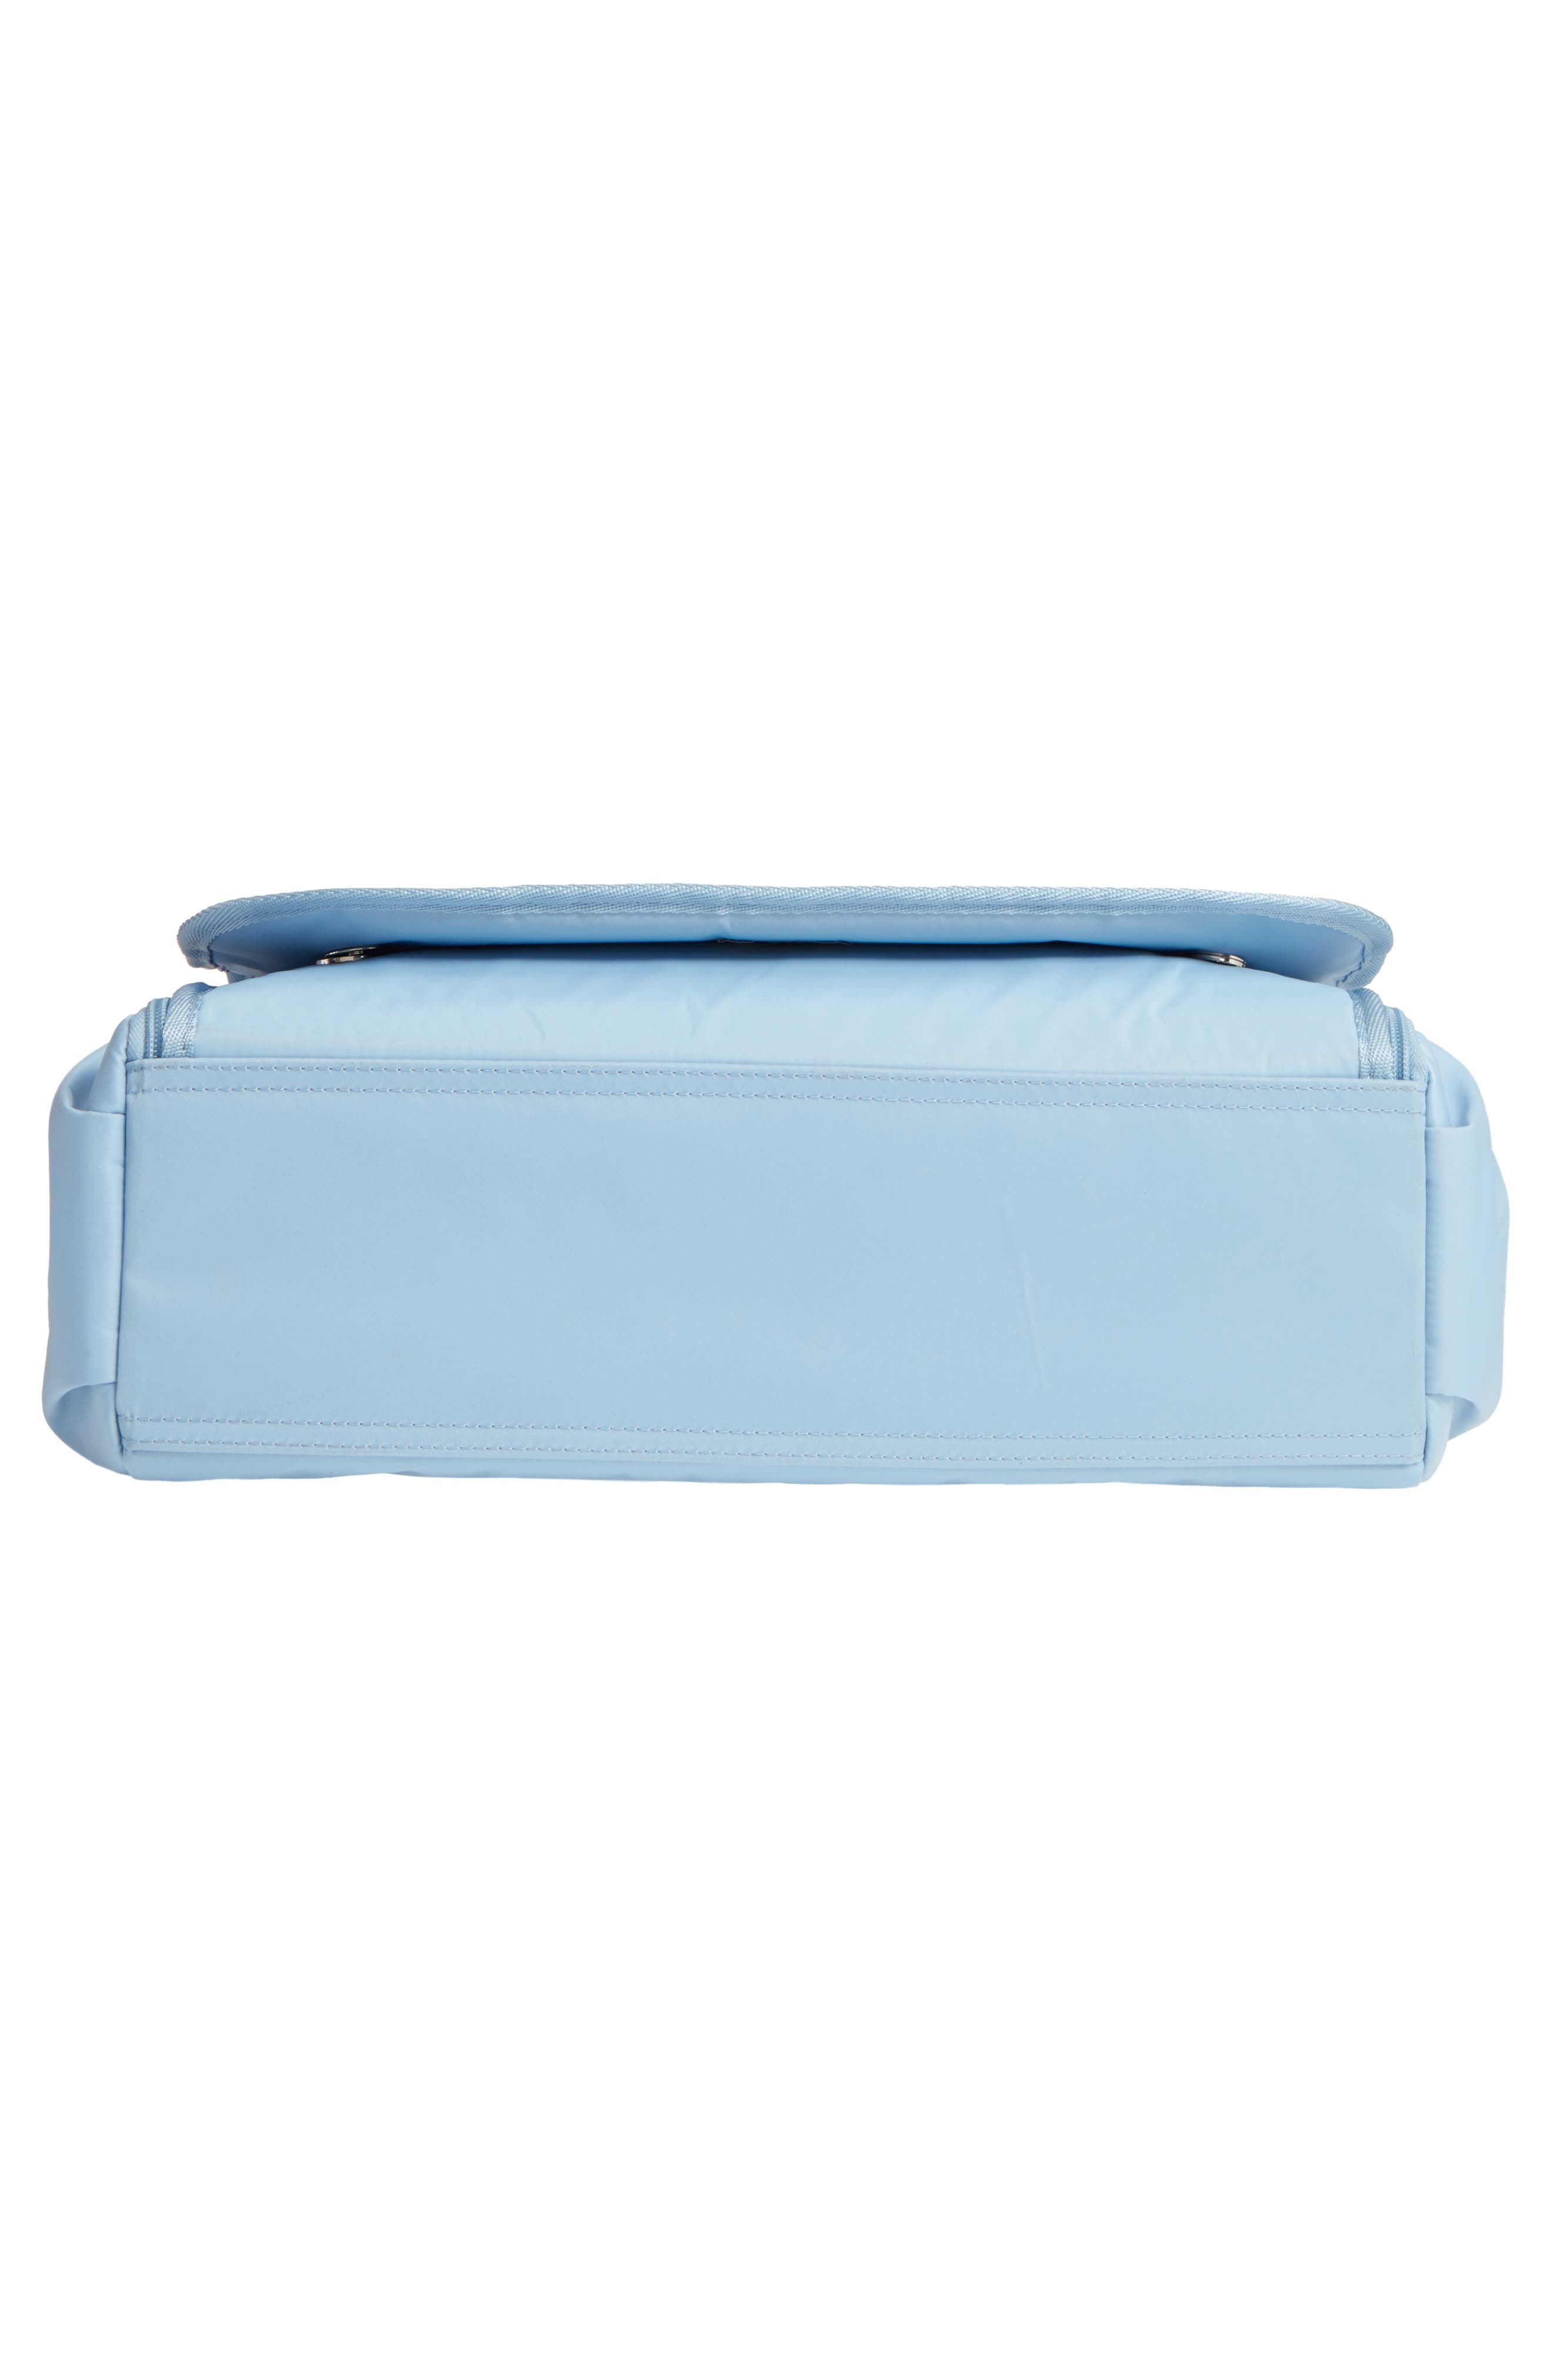 Nylon Messenger Diaper Bag,                             Alternate thumbnail 6, color,                             Light Blue